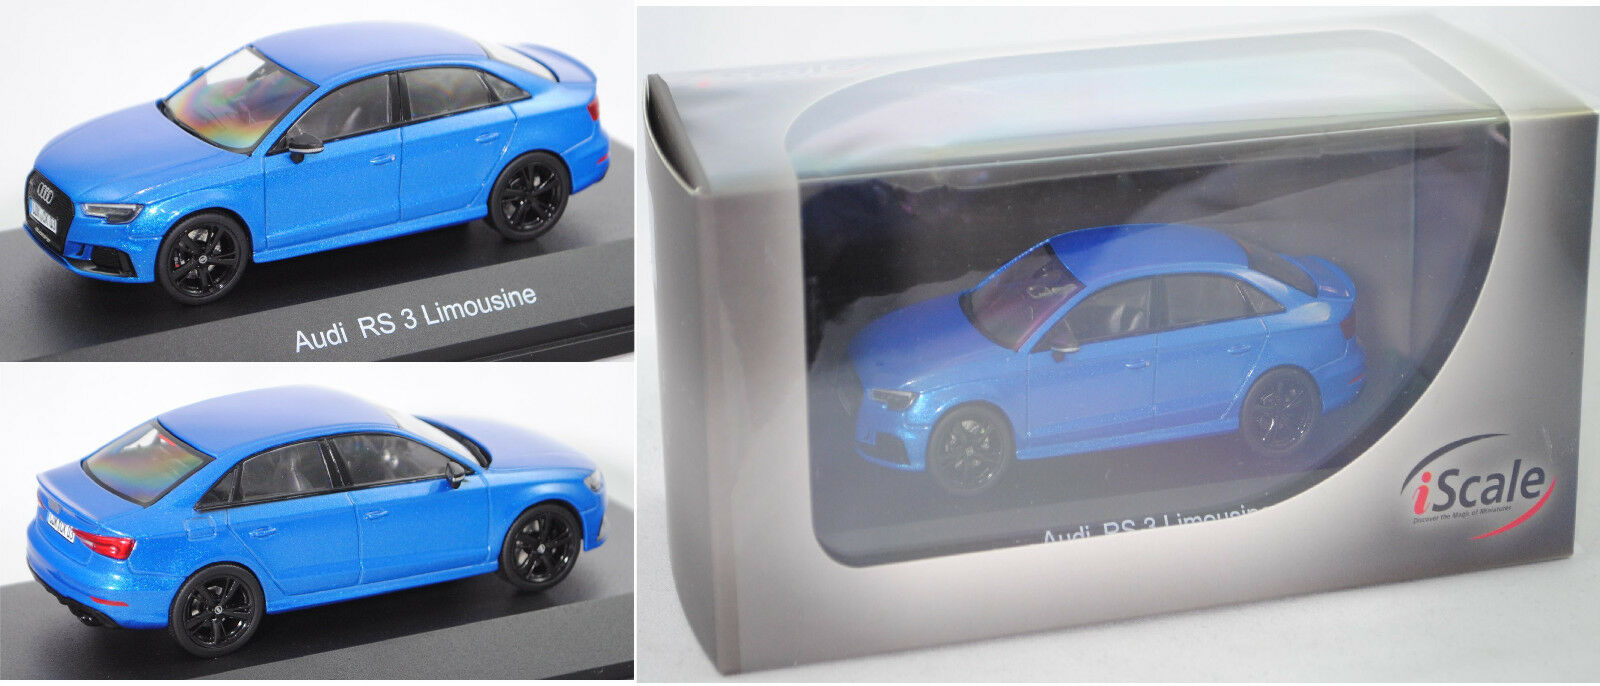 IScale 43000036 Audi rs3 Limousine, arableu Cristal Effet, 1 43, PVC-Box